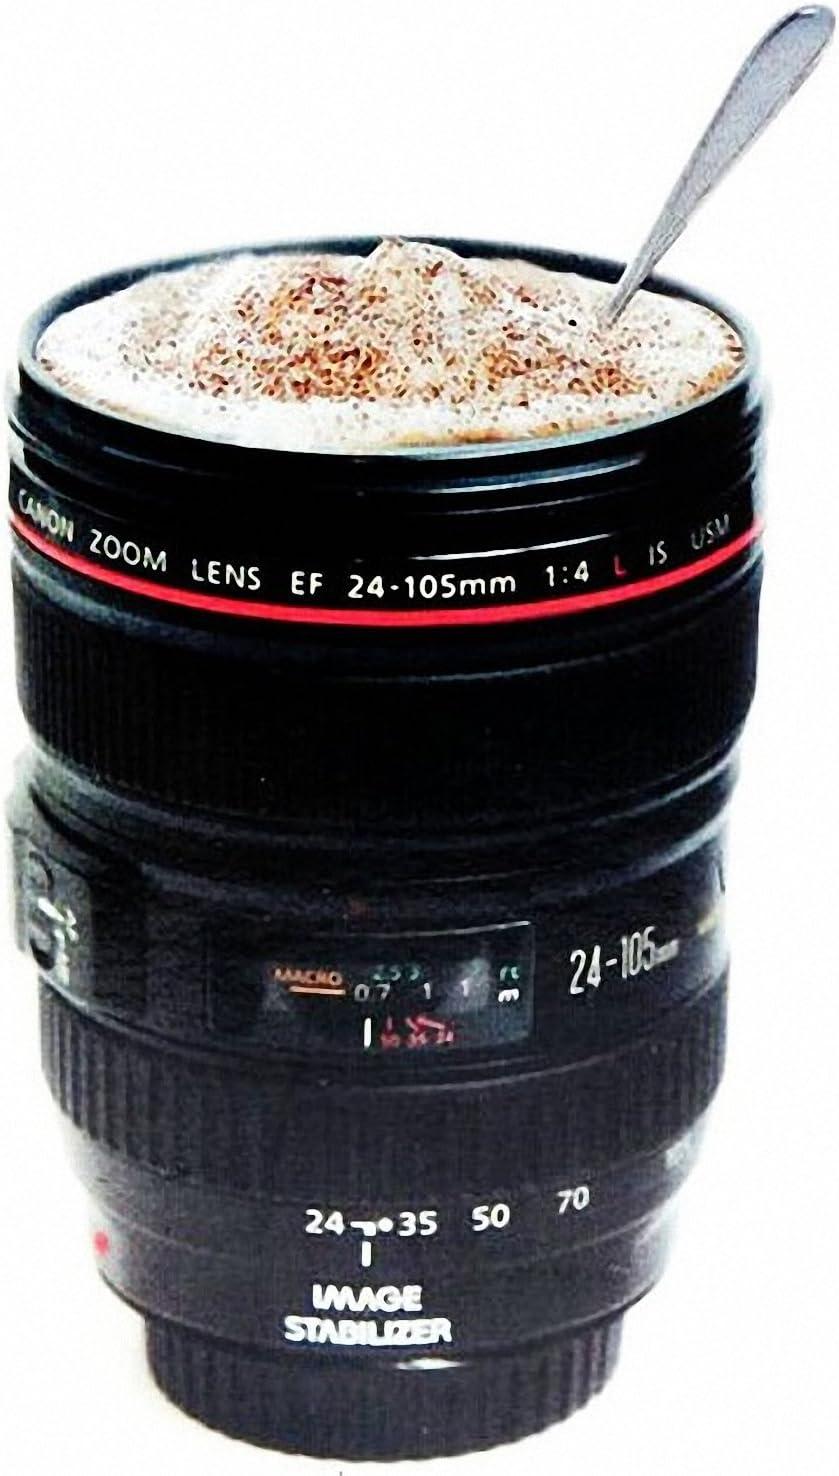 BourneTech Taza de cámara, Taza de Lente, Taza de café, Taza de Viaje con Soporte para Galletas Modelo 24-105 mm Taza de Taza de Acero Inoxidable, café, Agua, té